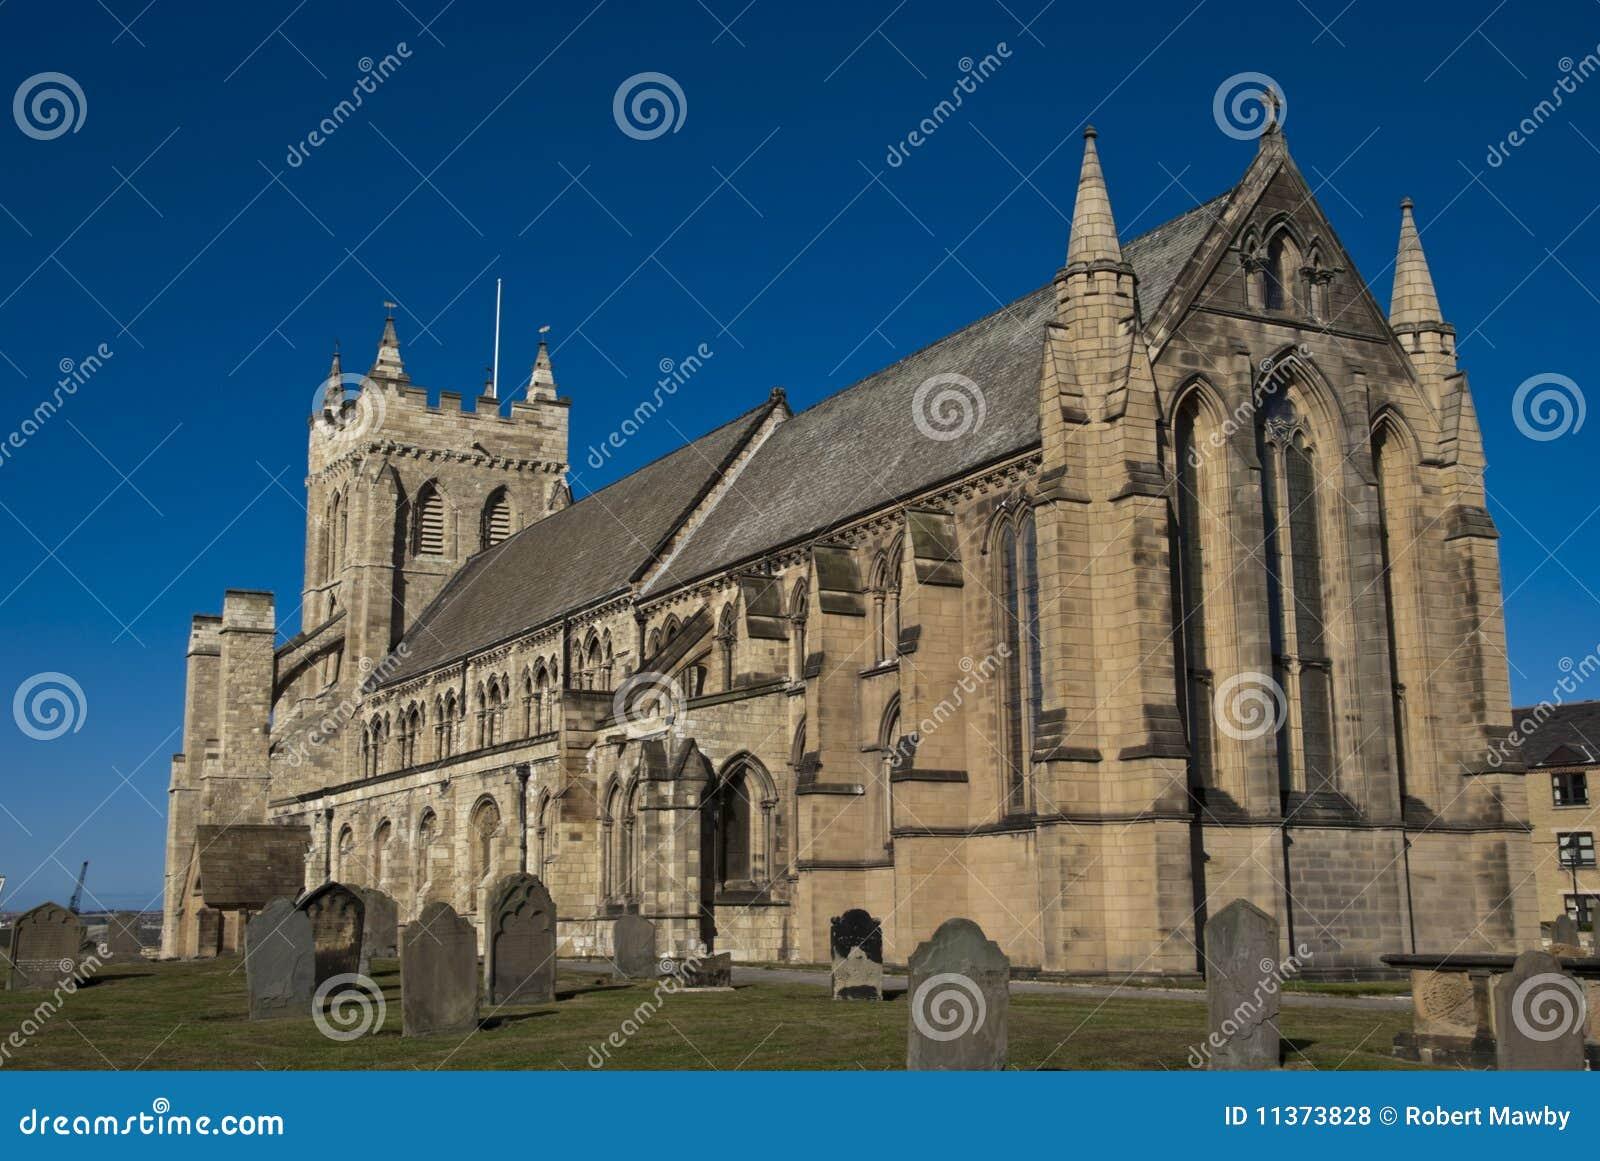 Kirche Englisch